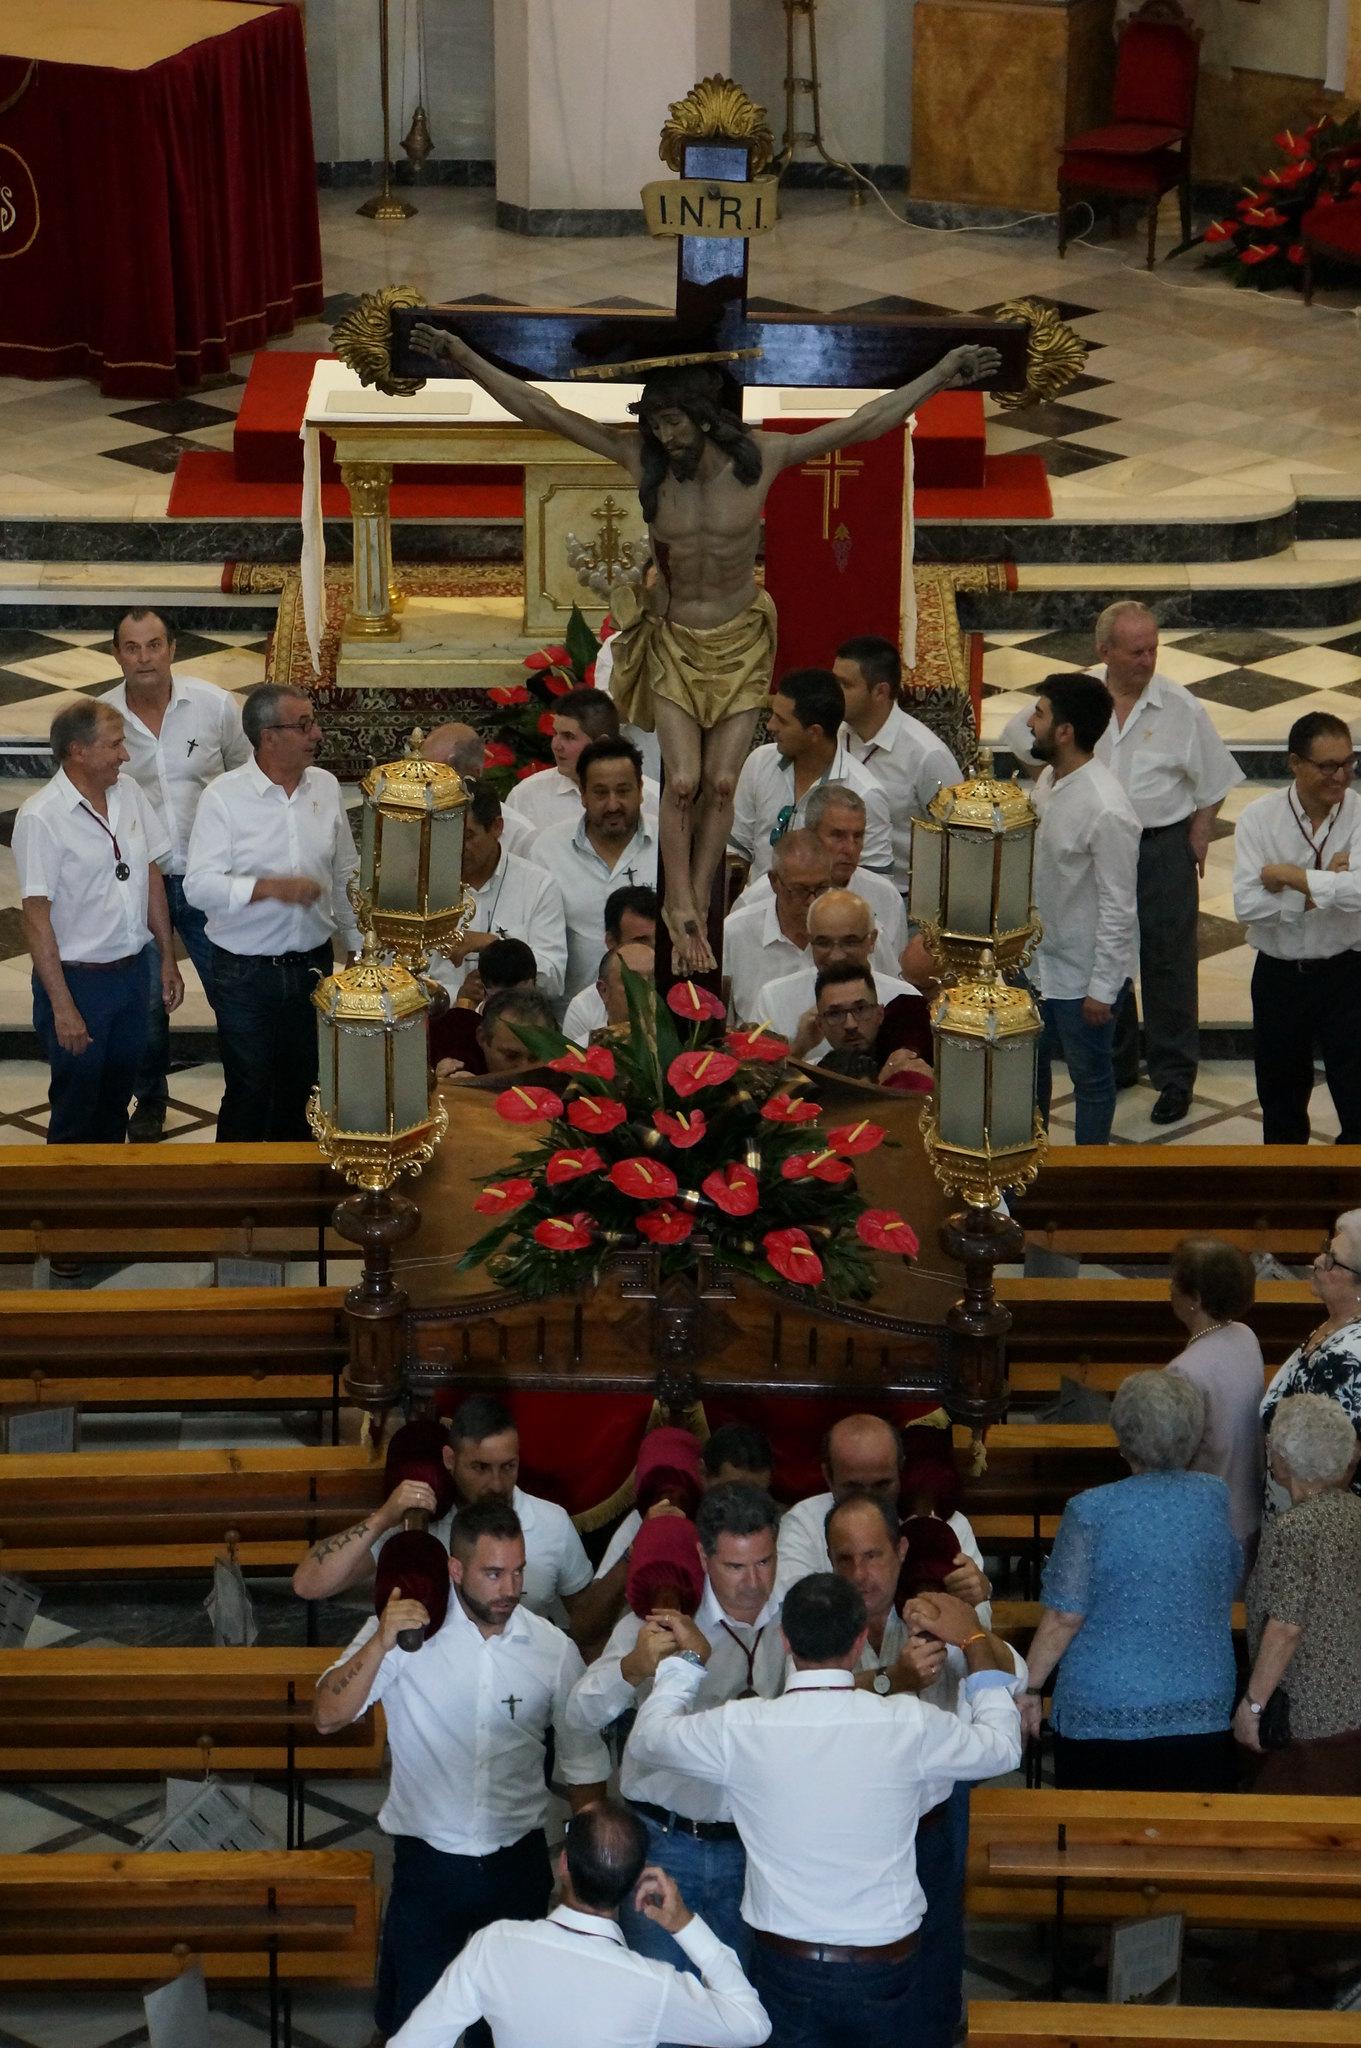 (2017-07-03) - Eucaristía subida del Cristo - Paqui Reig Aracill (75)